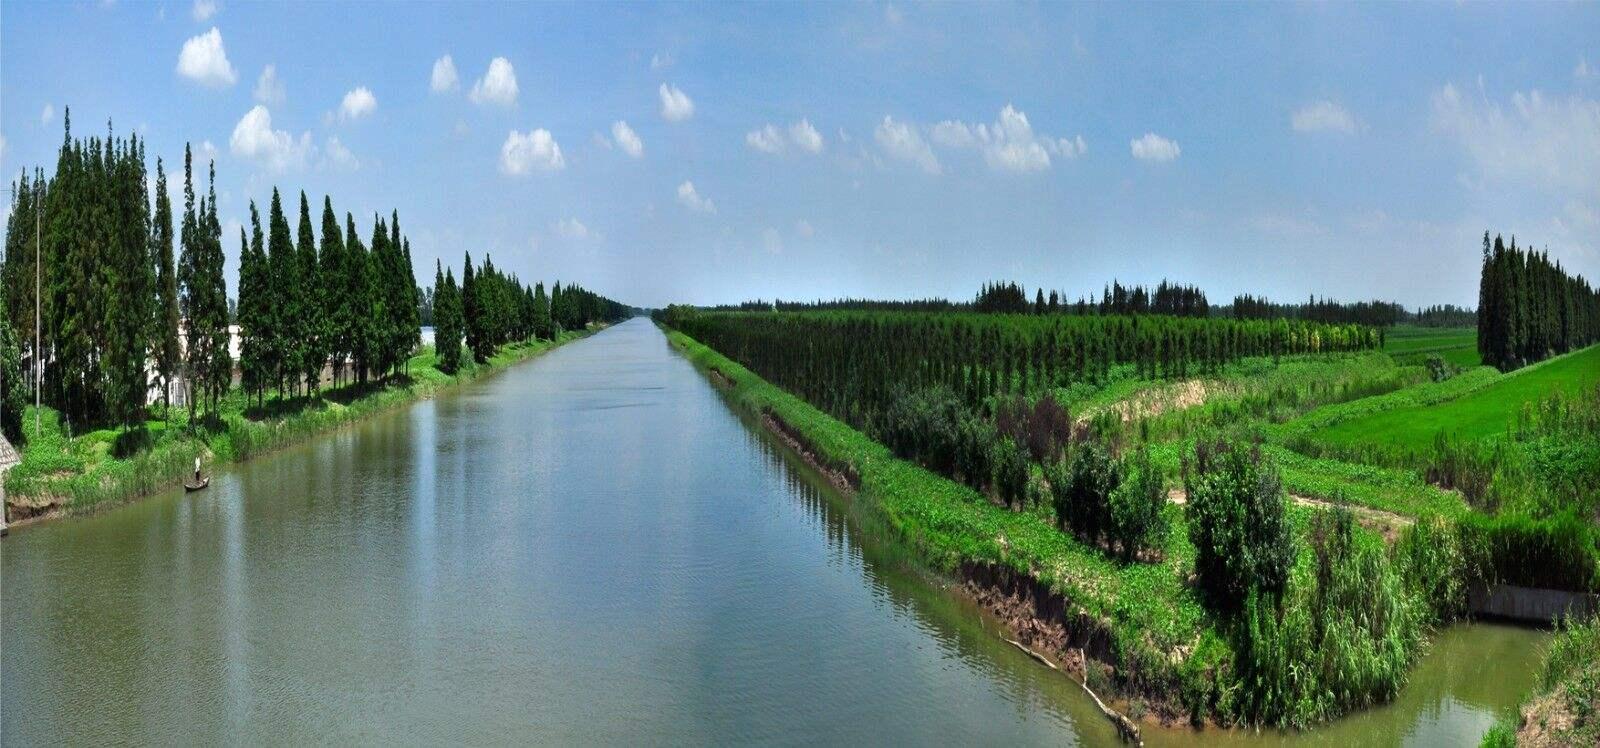 水利部部长:推进水利改革发展须处理好三个关系